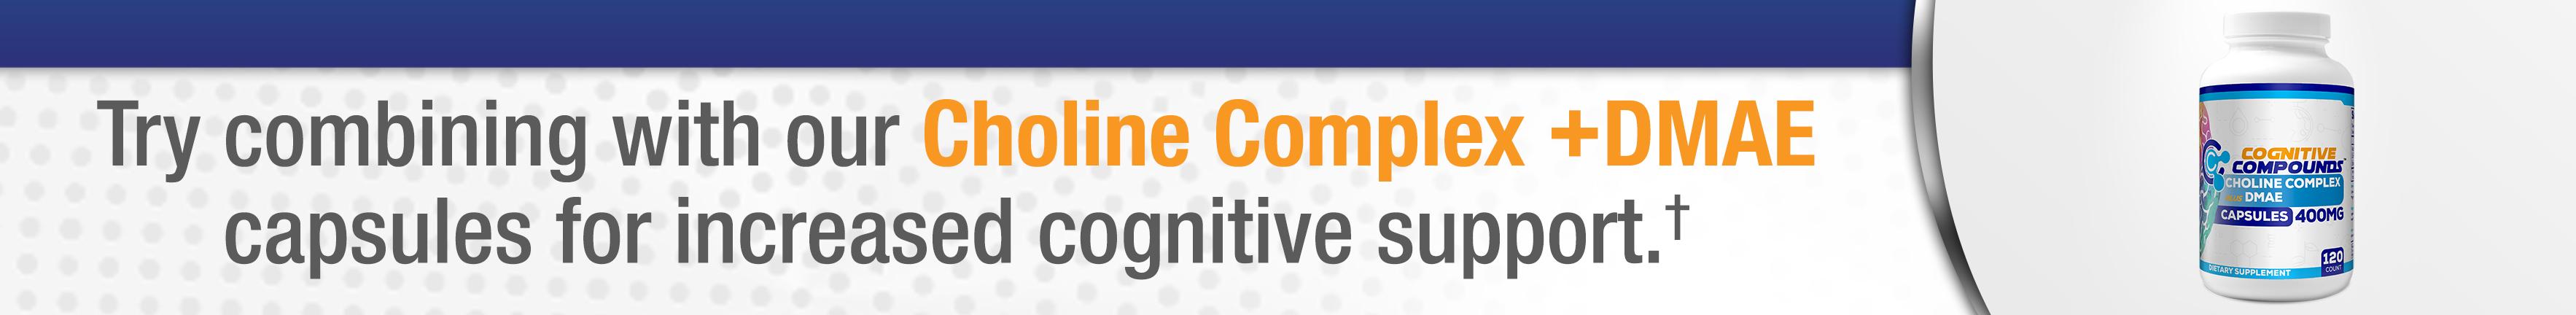 emoxypine-succinate-consider.jpg